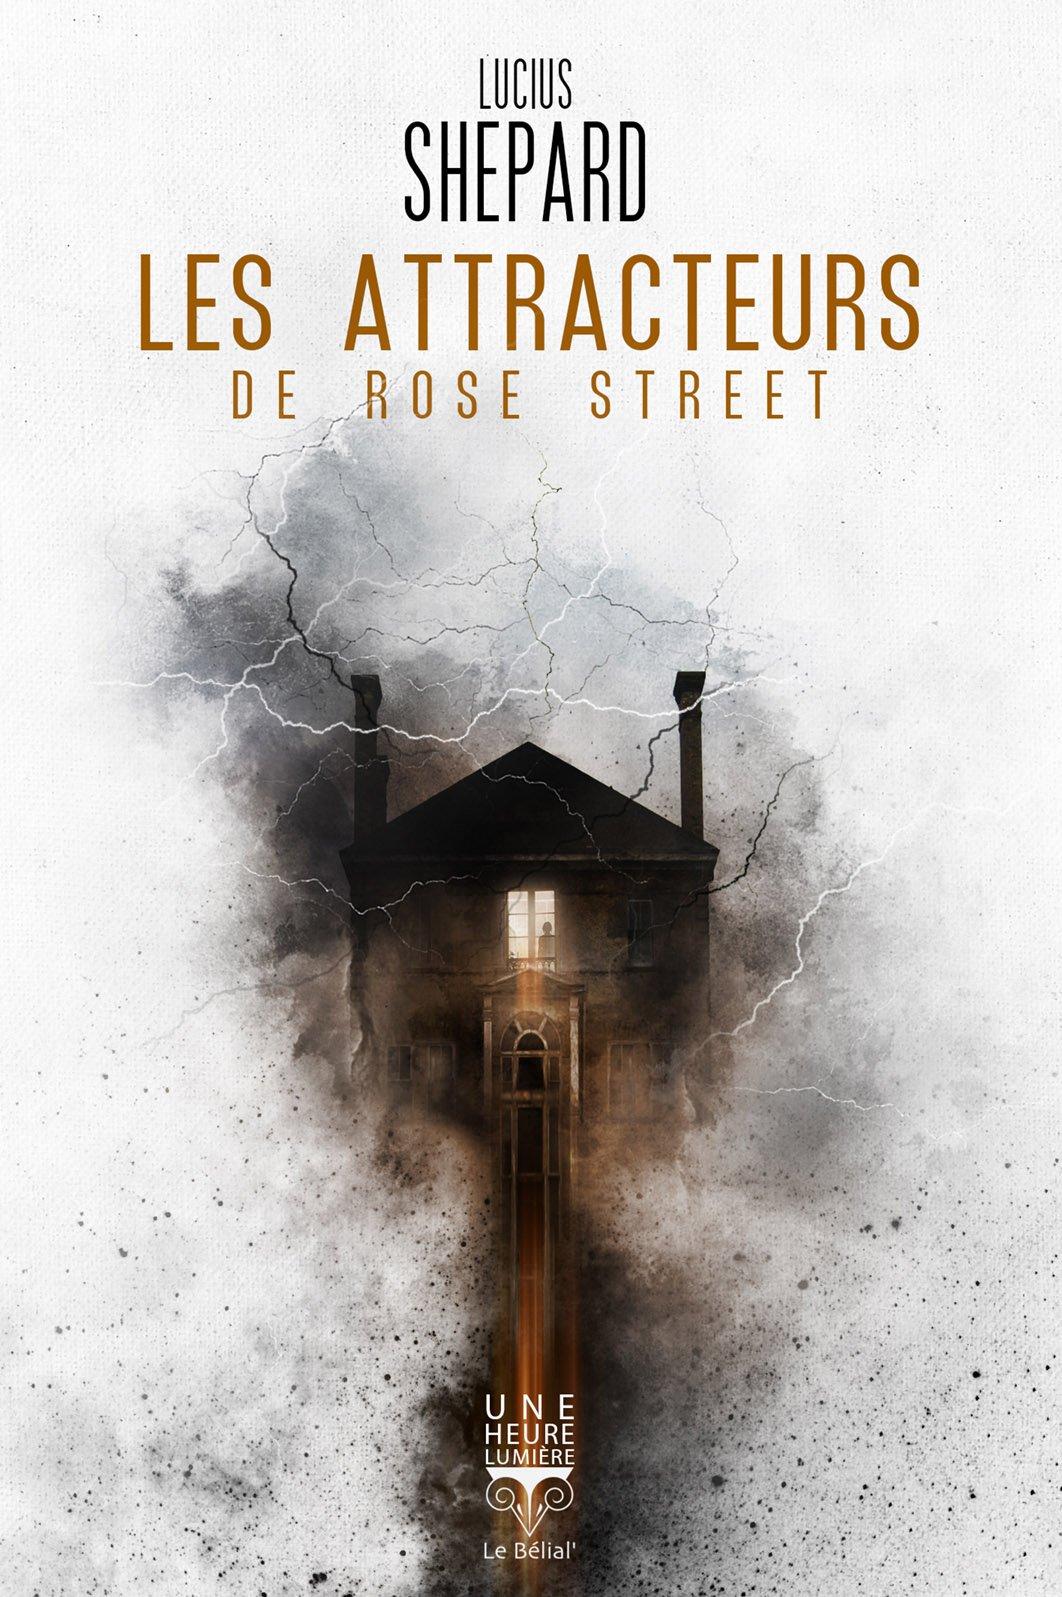 Amazon.fr - Les Attracteurs de Rose Street - Shepard, Lucius, Brèque, Jean-Daniel - Livres